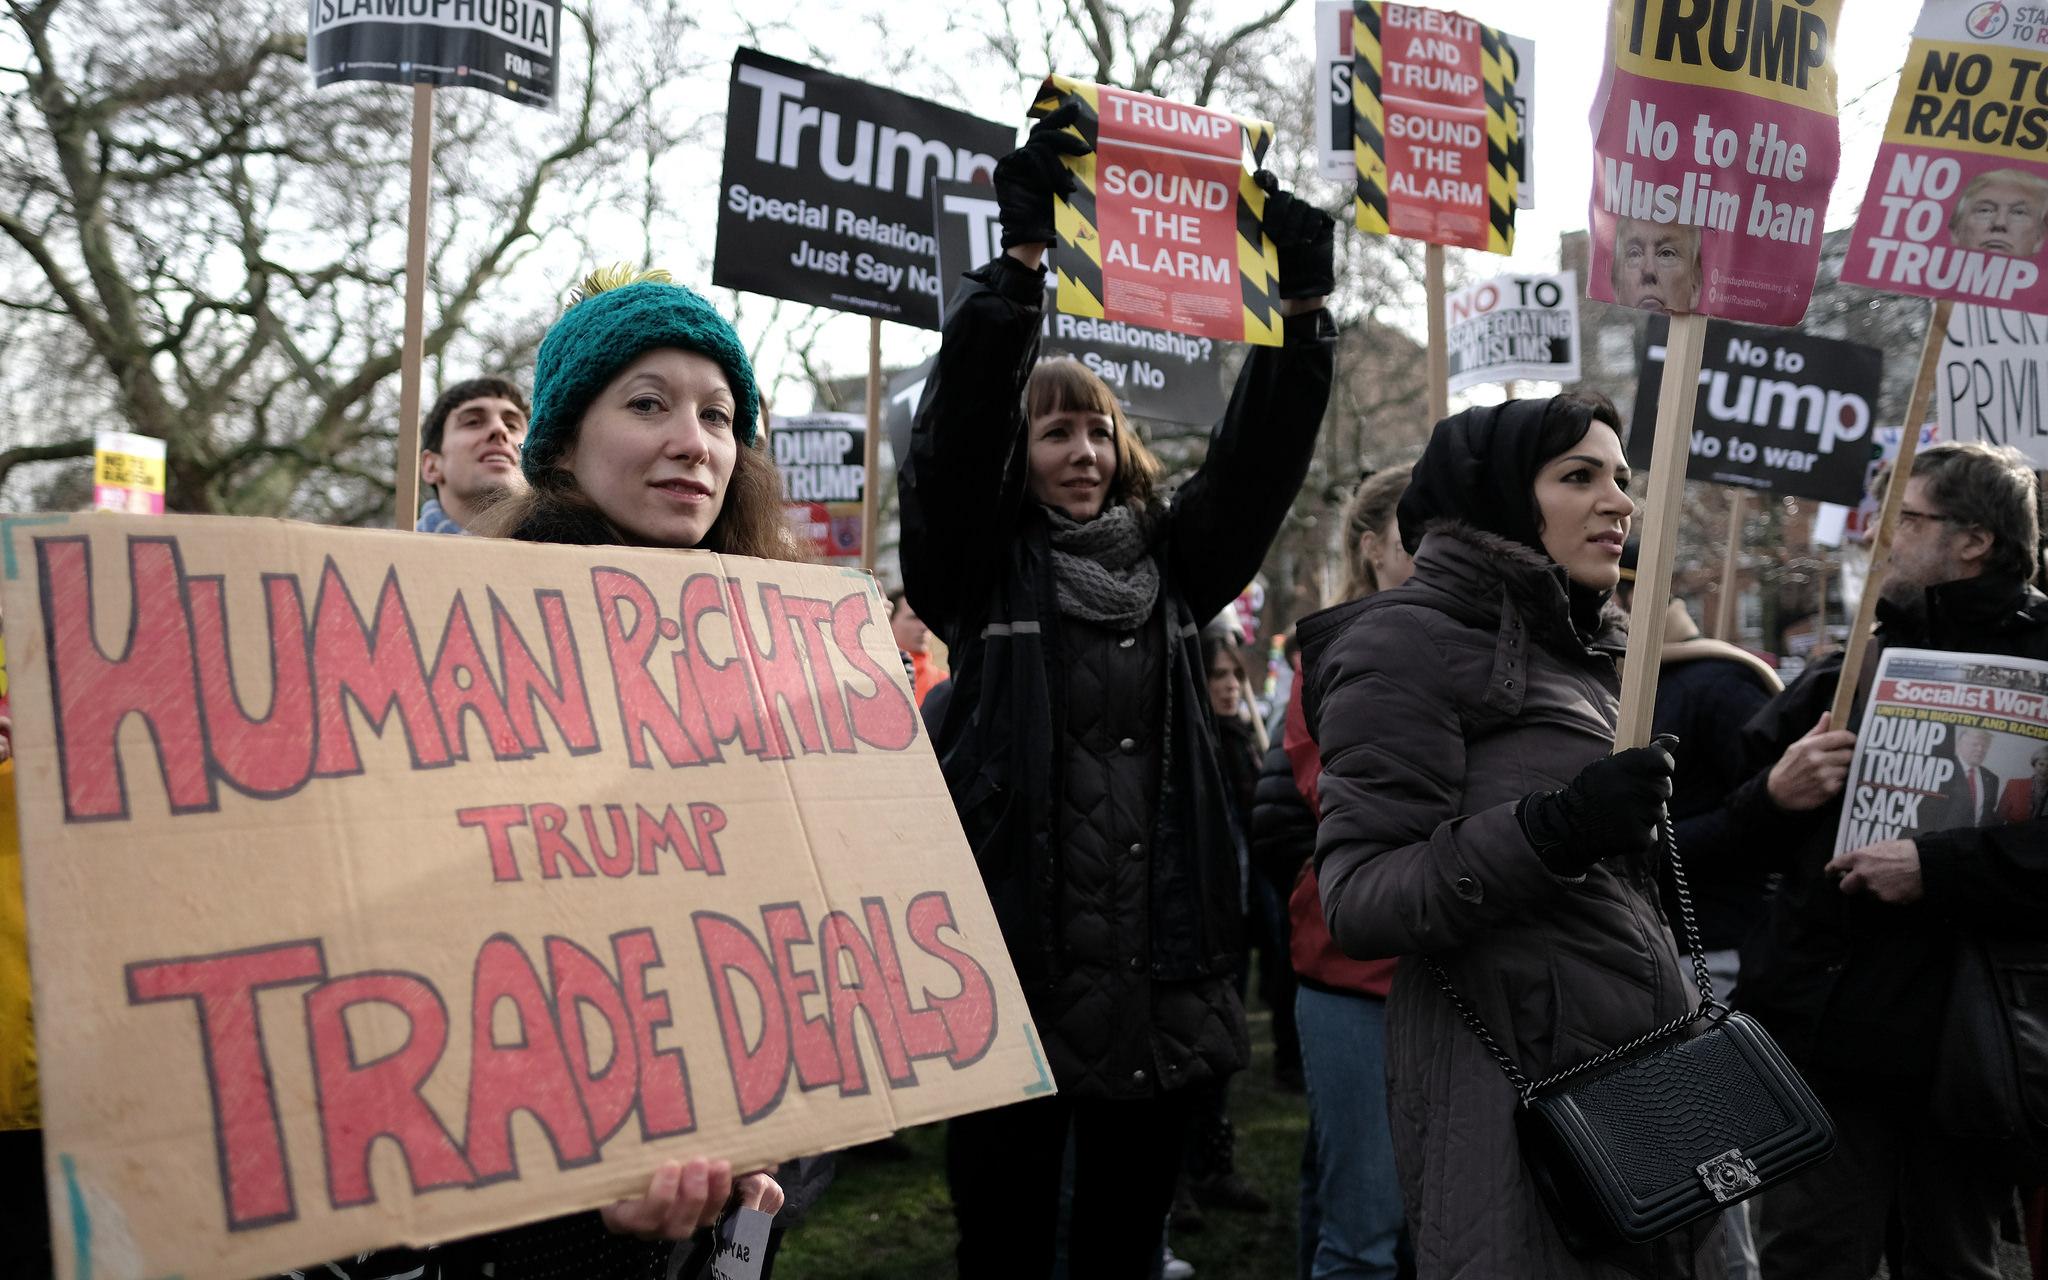 Human Rights Trump Trade Deals